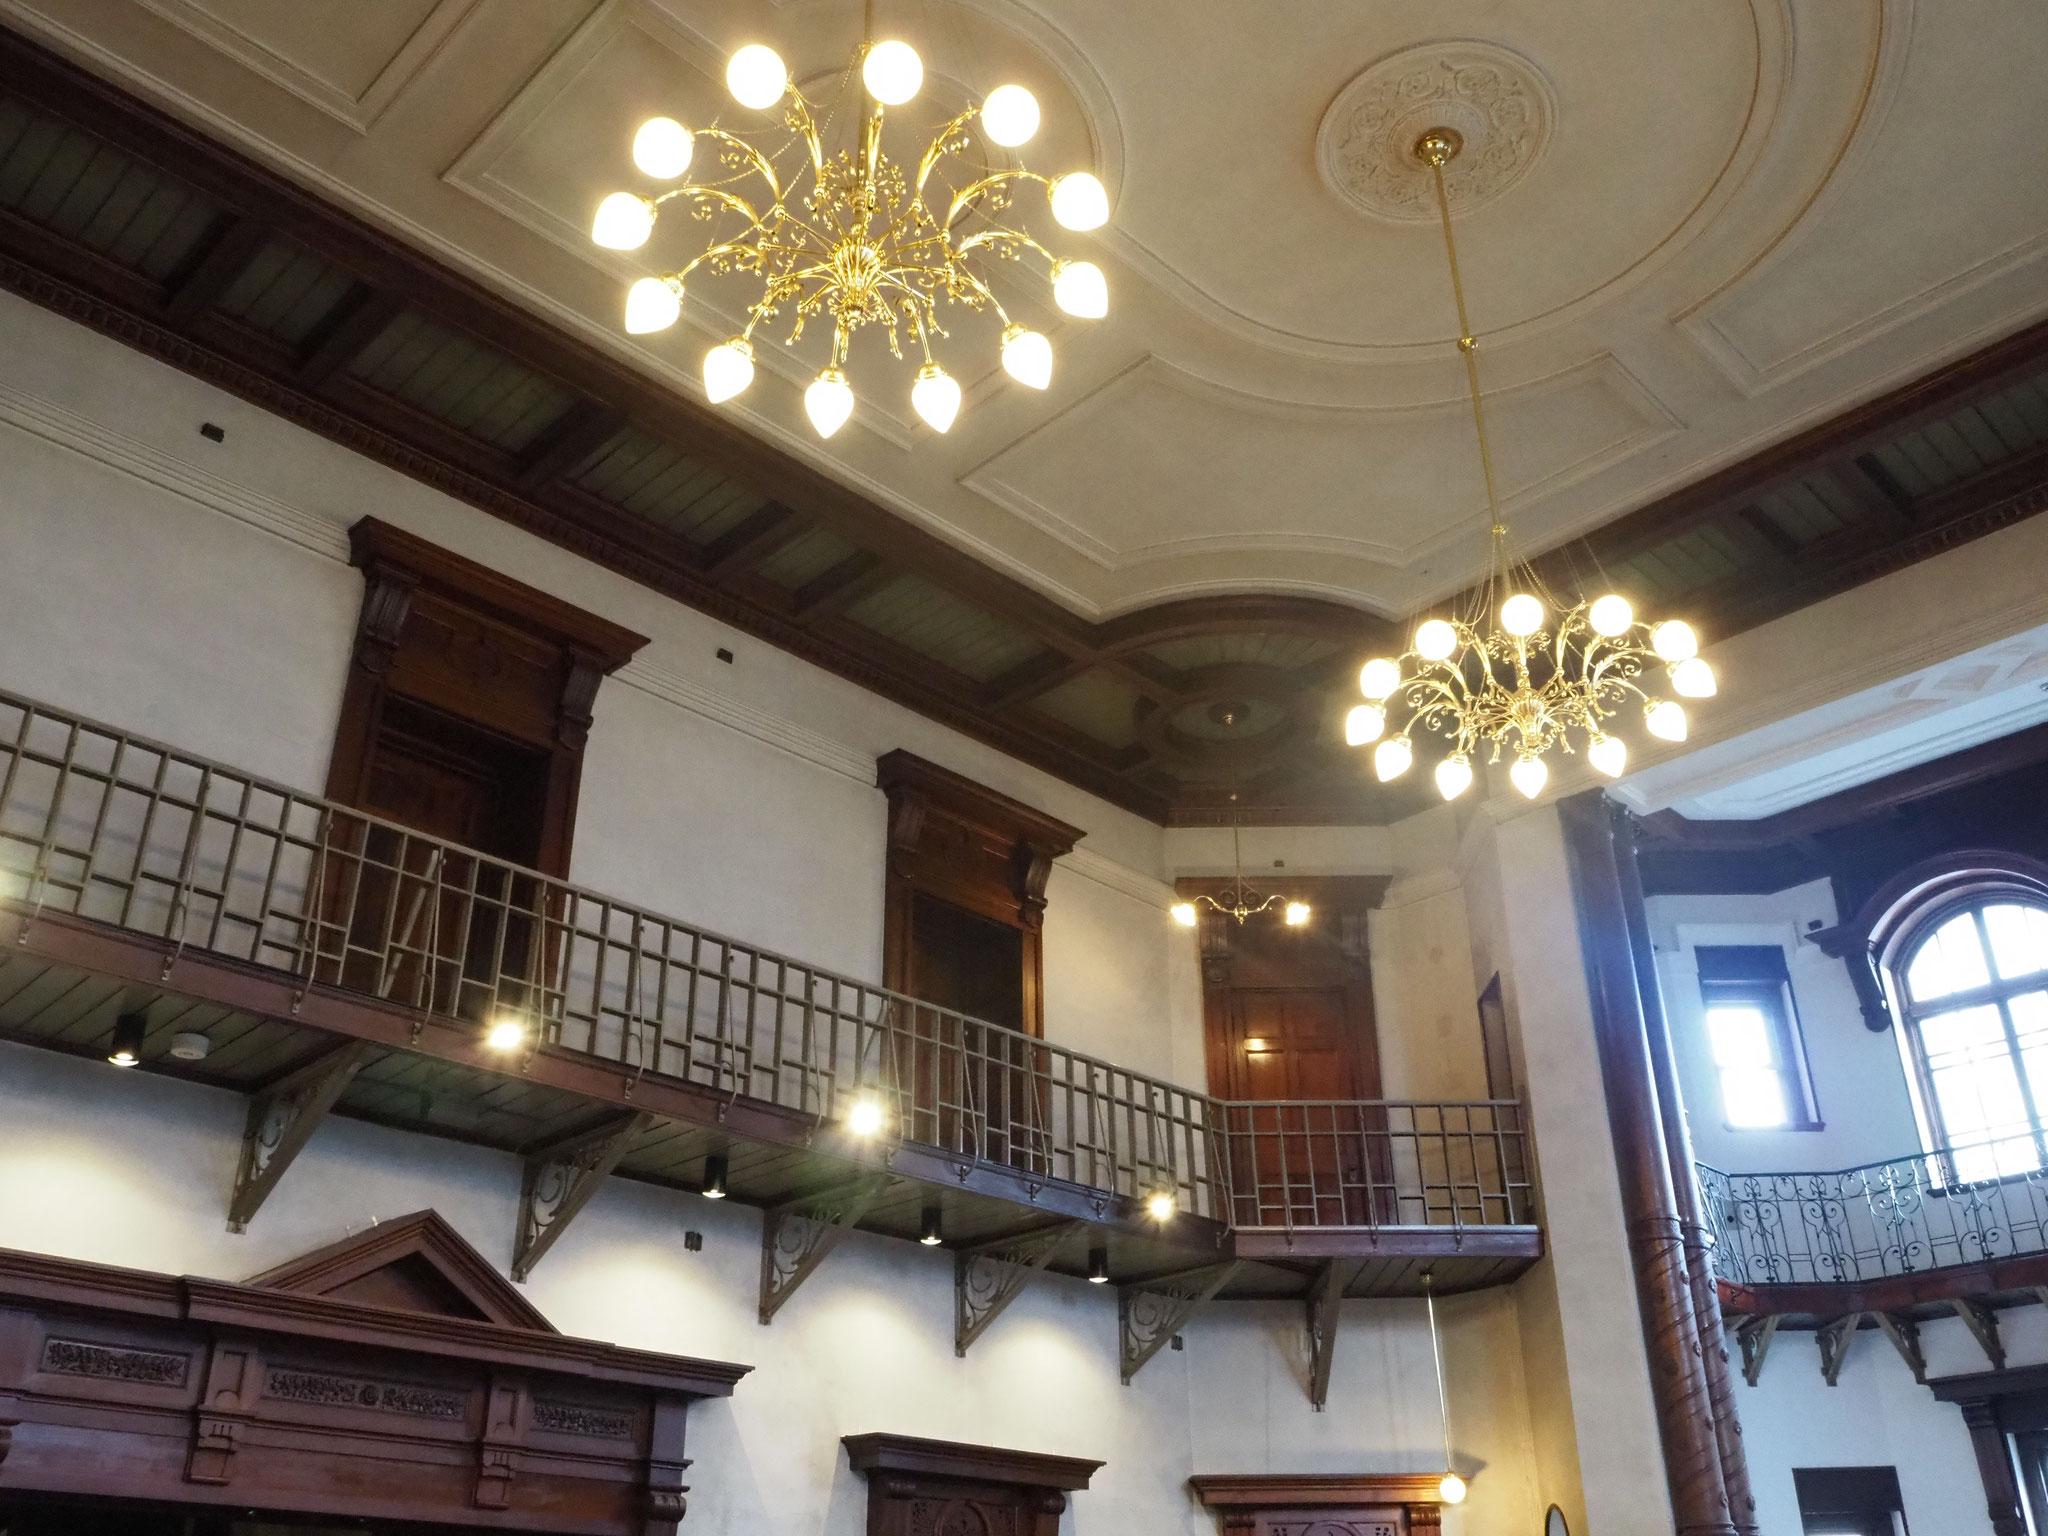 岩手銀行赤レンガ館の内部